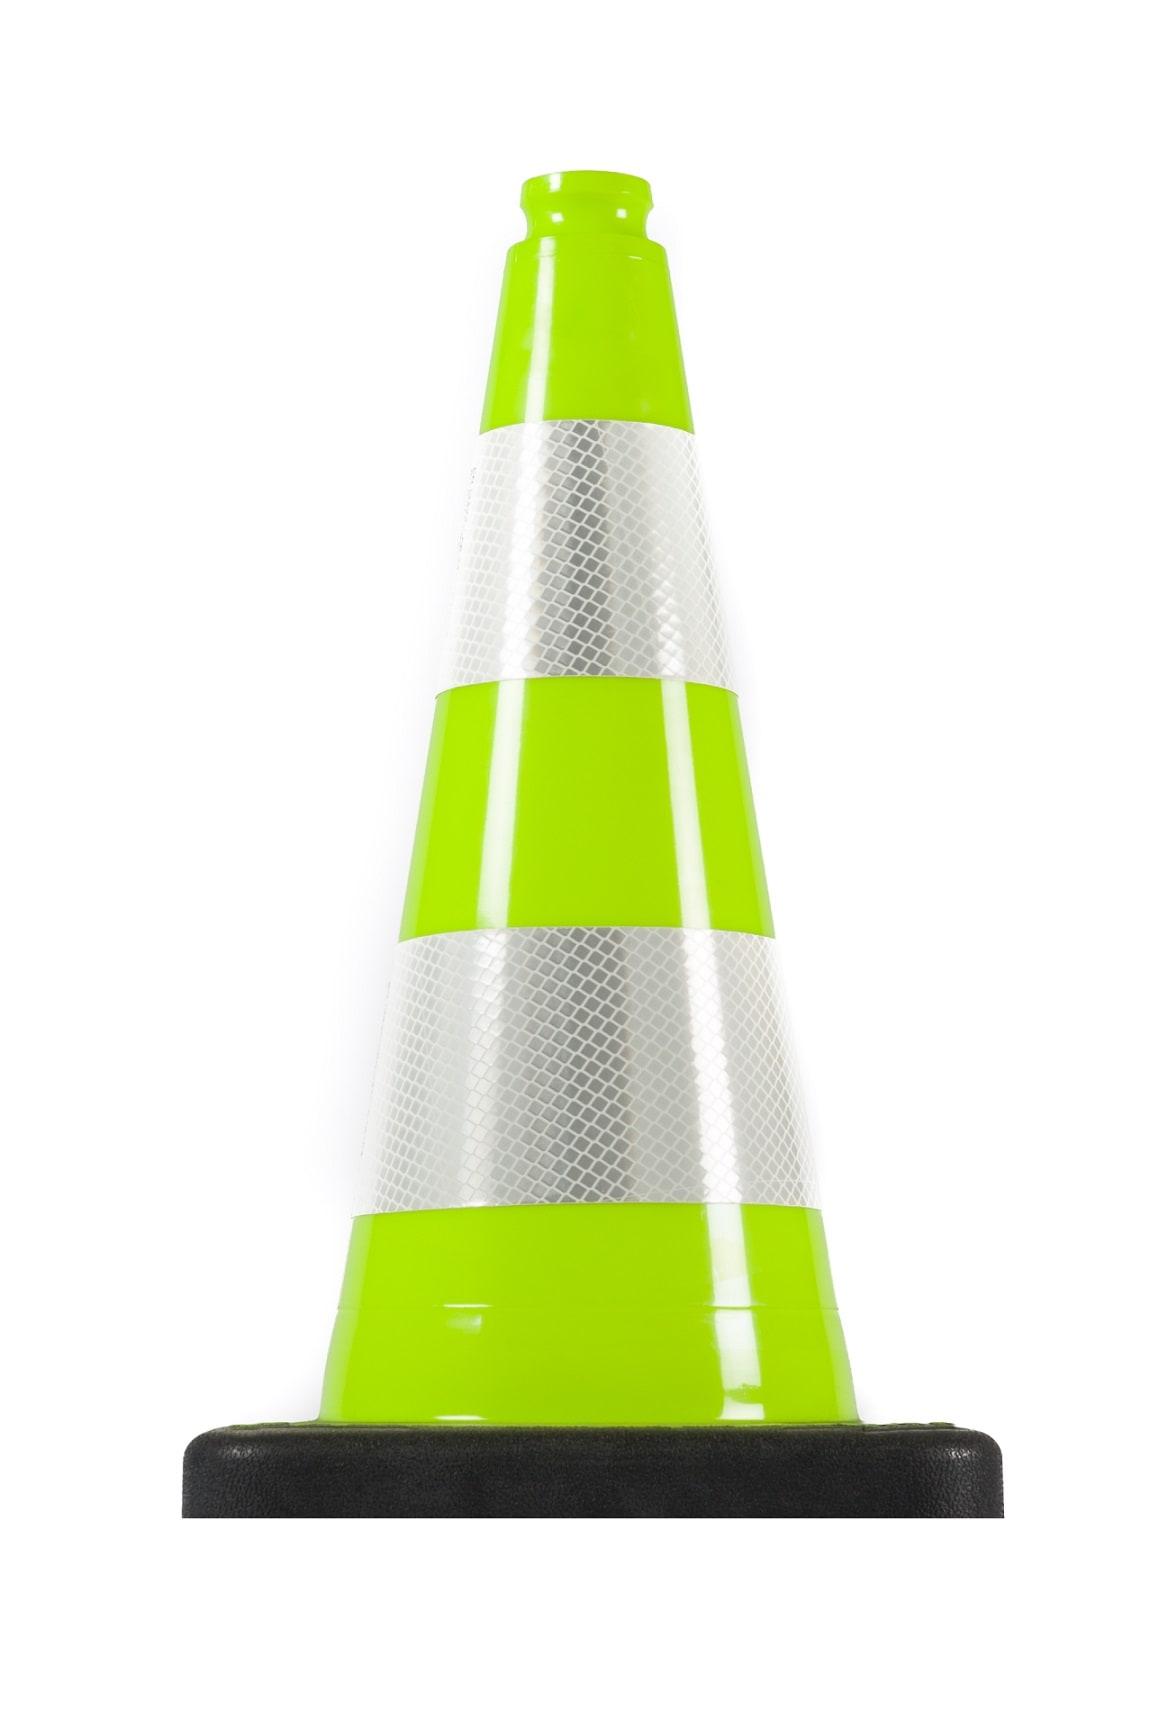 Нечупливи издържливи светлоотразителни гъвкави пътни конуси зелен цвят